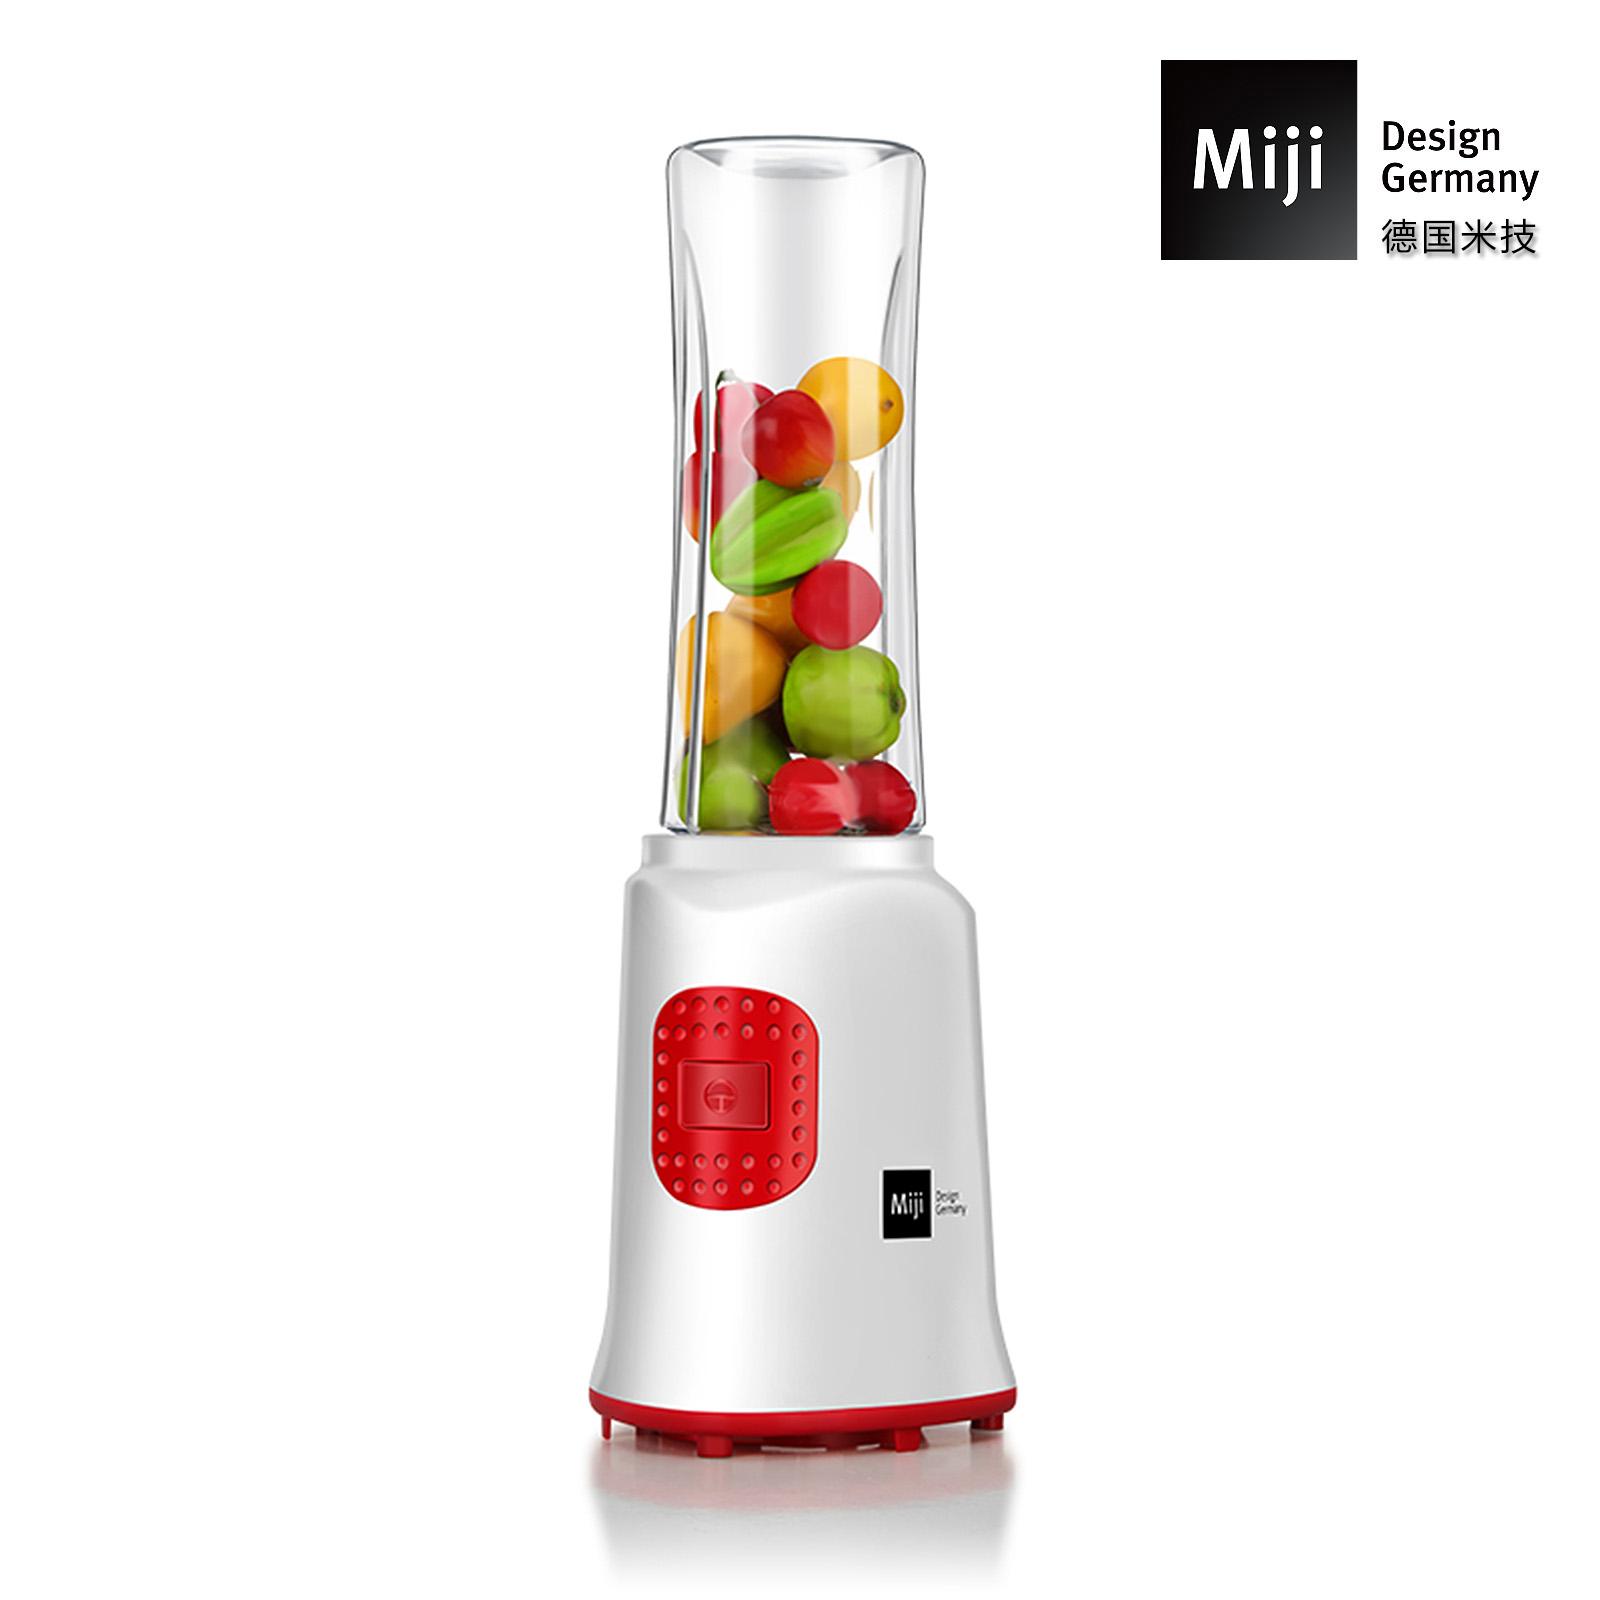 MIJI米技榨汁机便携 随身杯多功能炸果汁辅食料理机搅拌机果汁杯 德国精工MB-1119